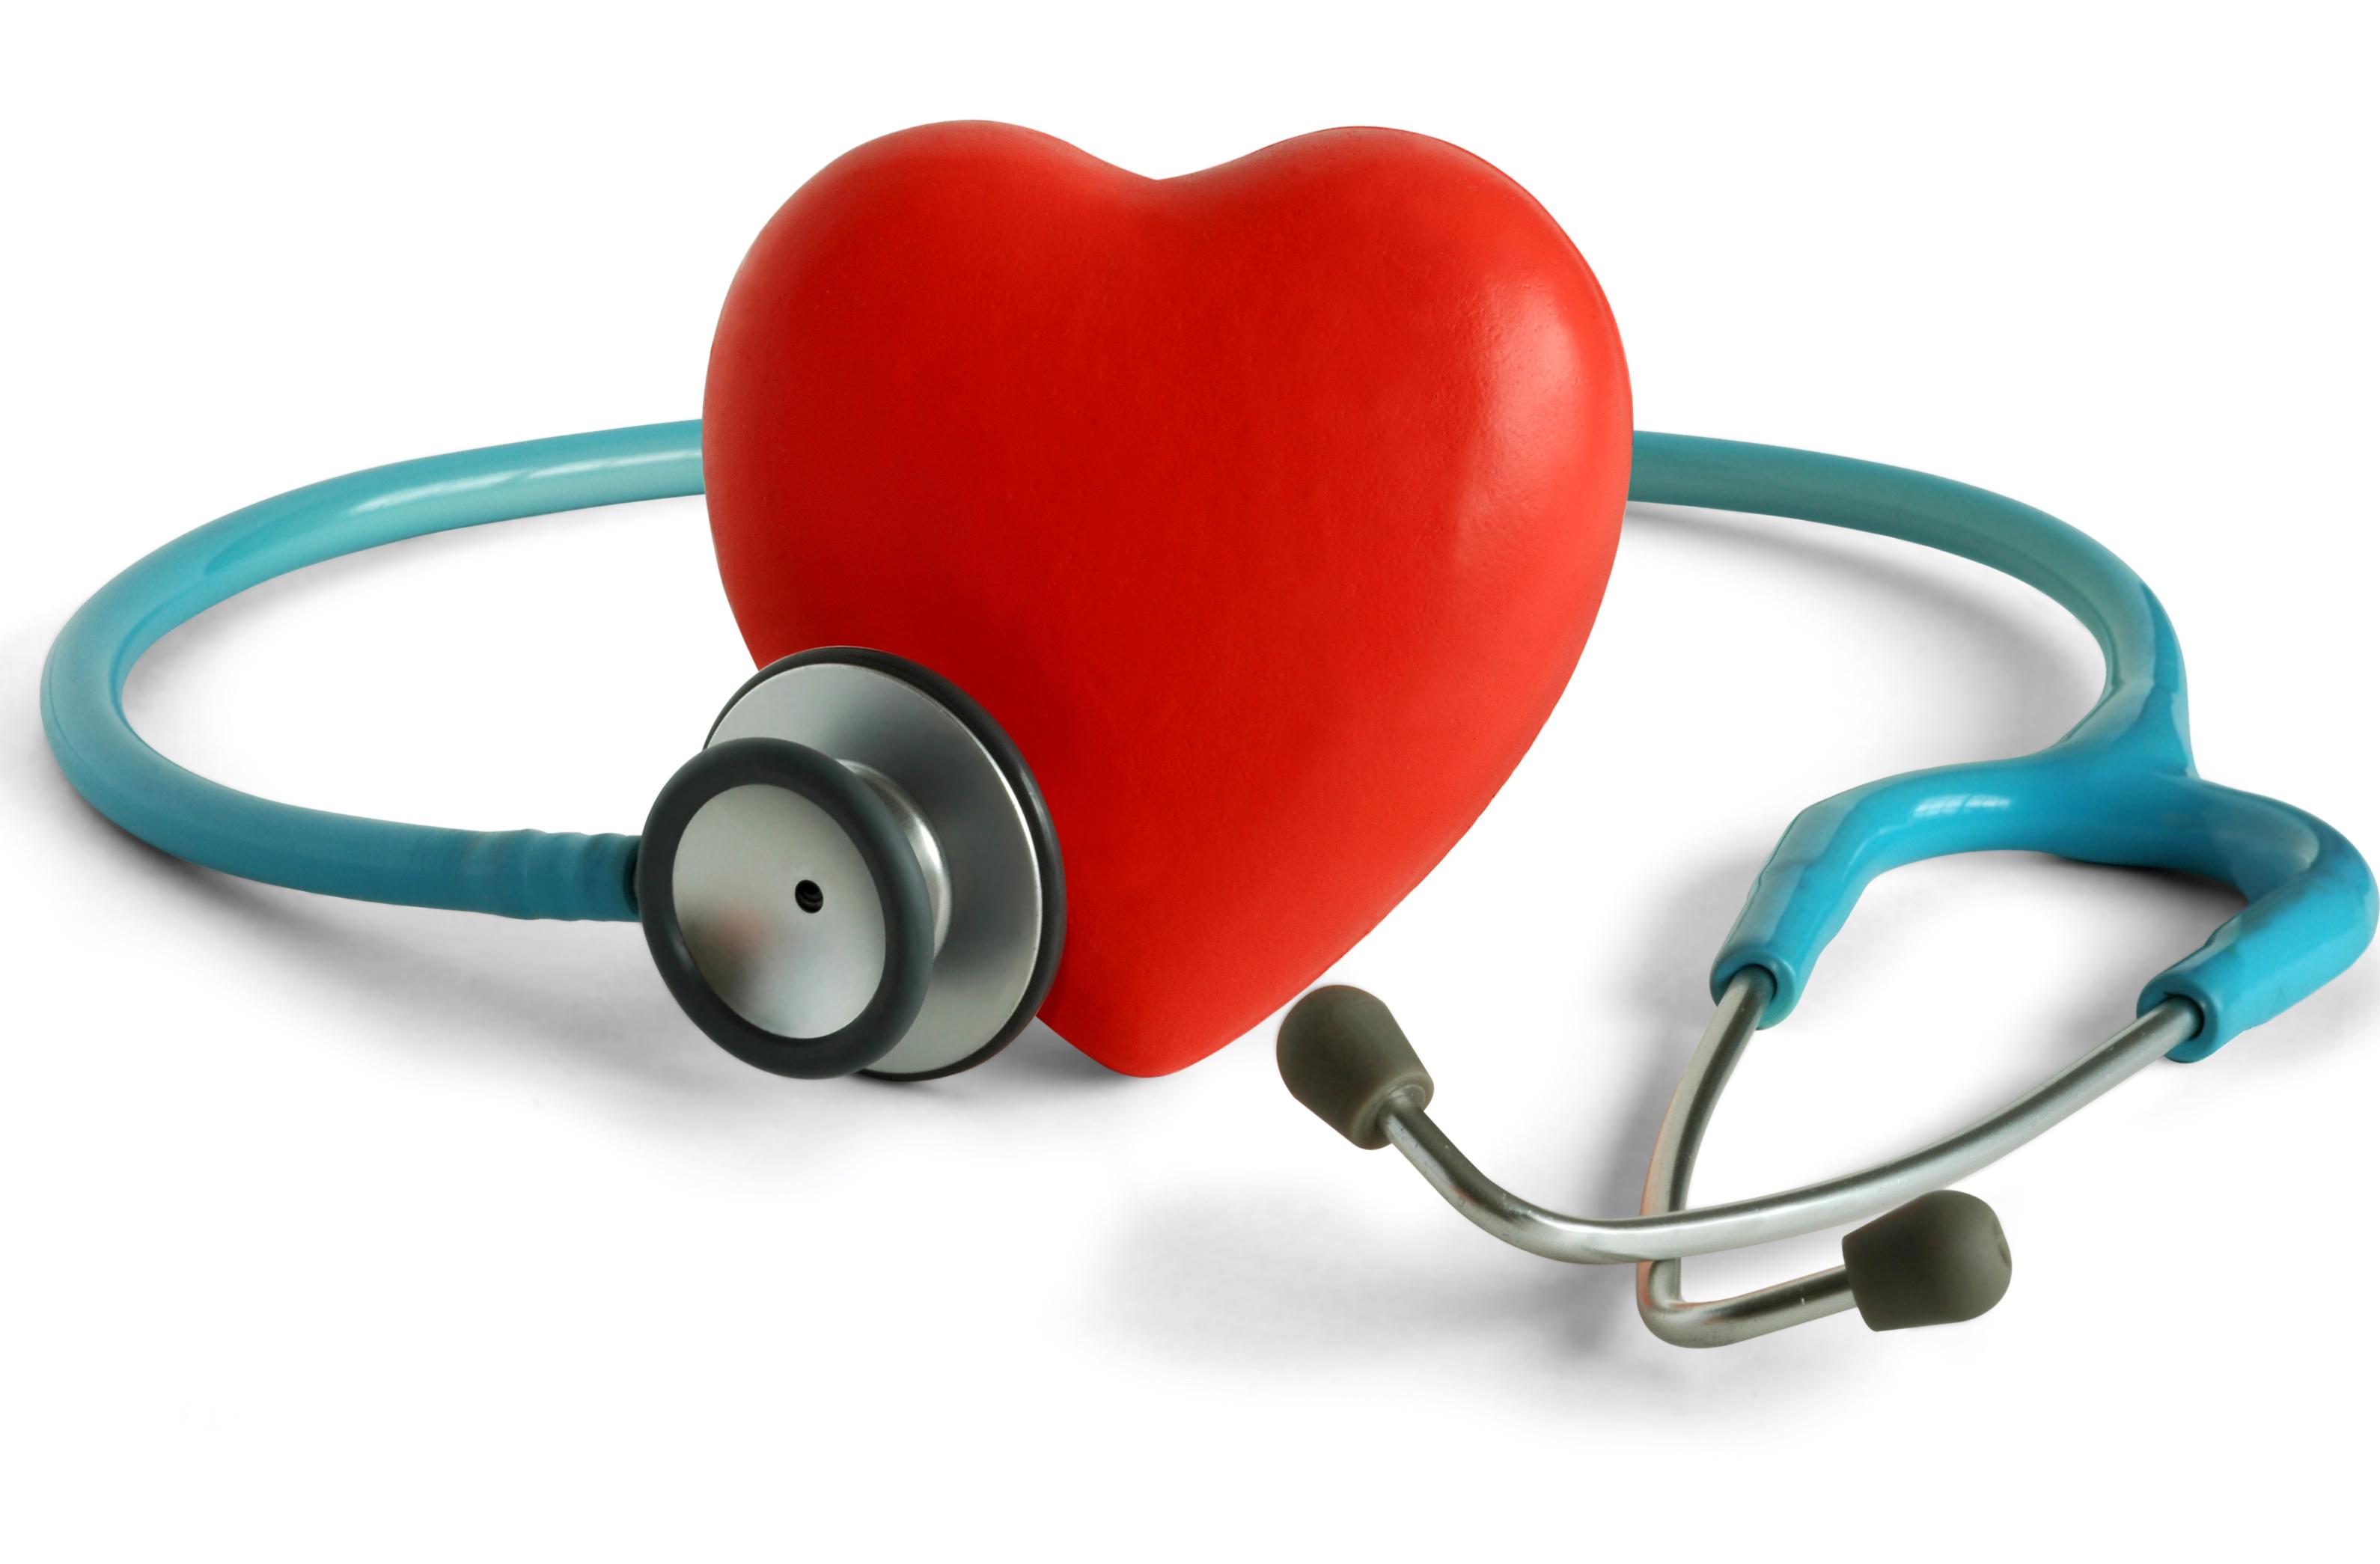 pokalbiai apie hipertenziją)